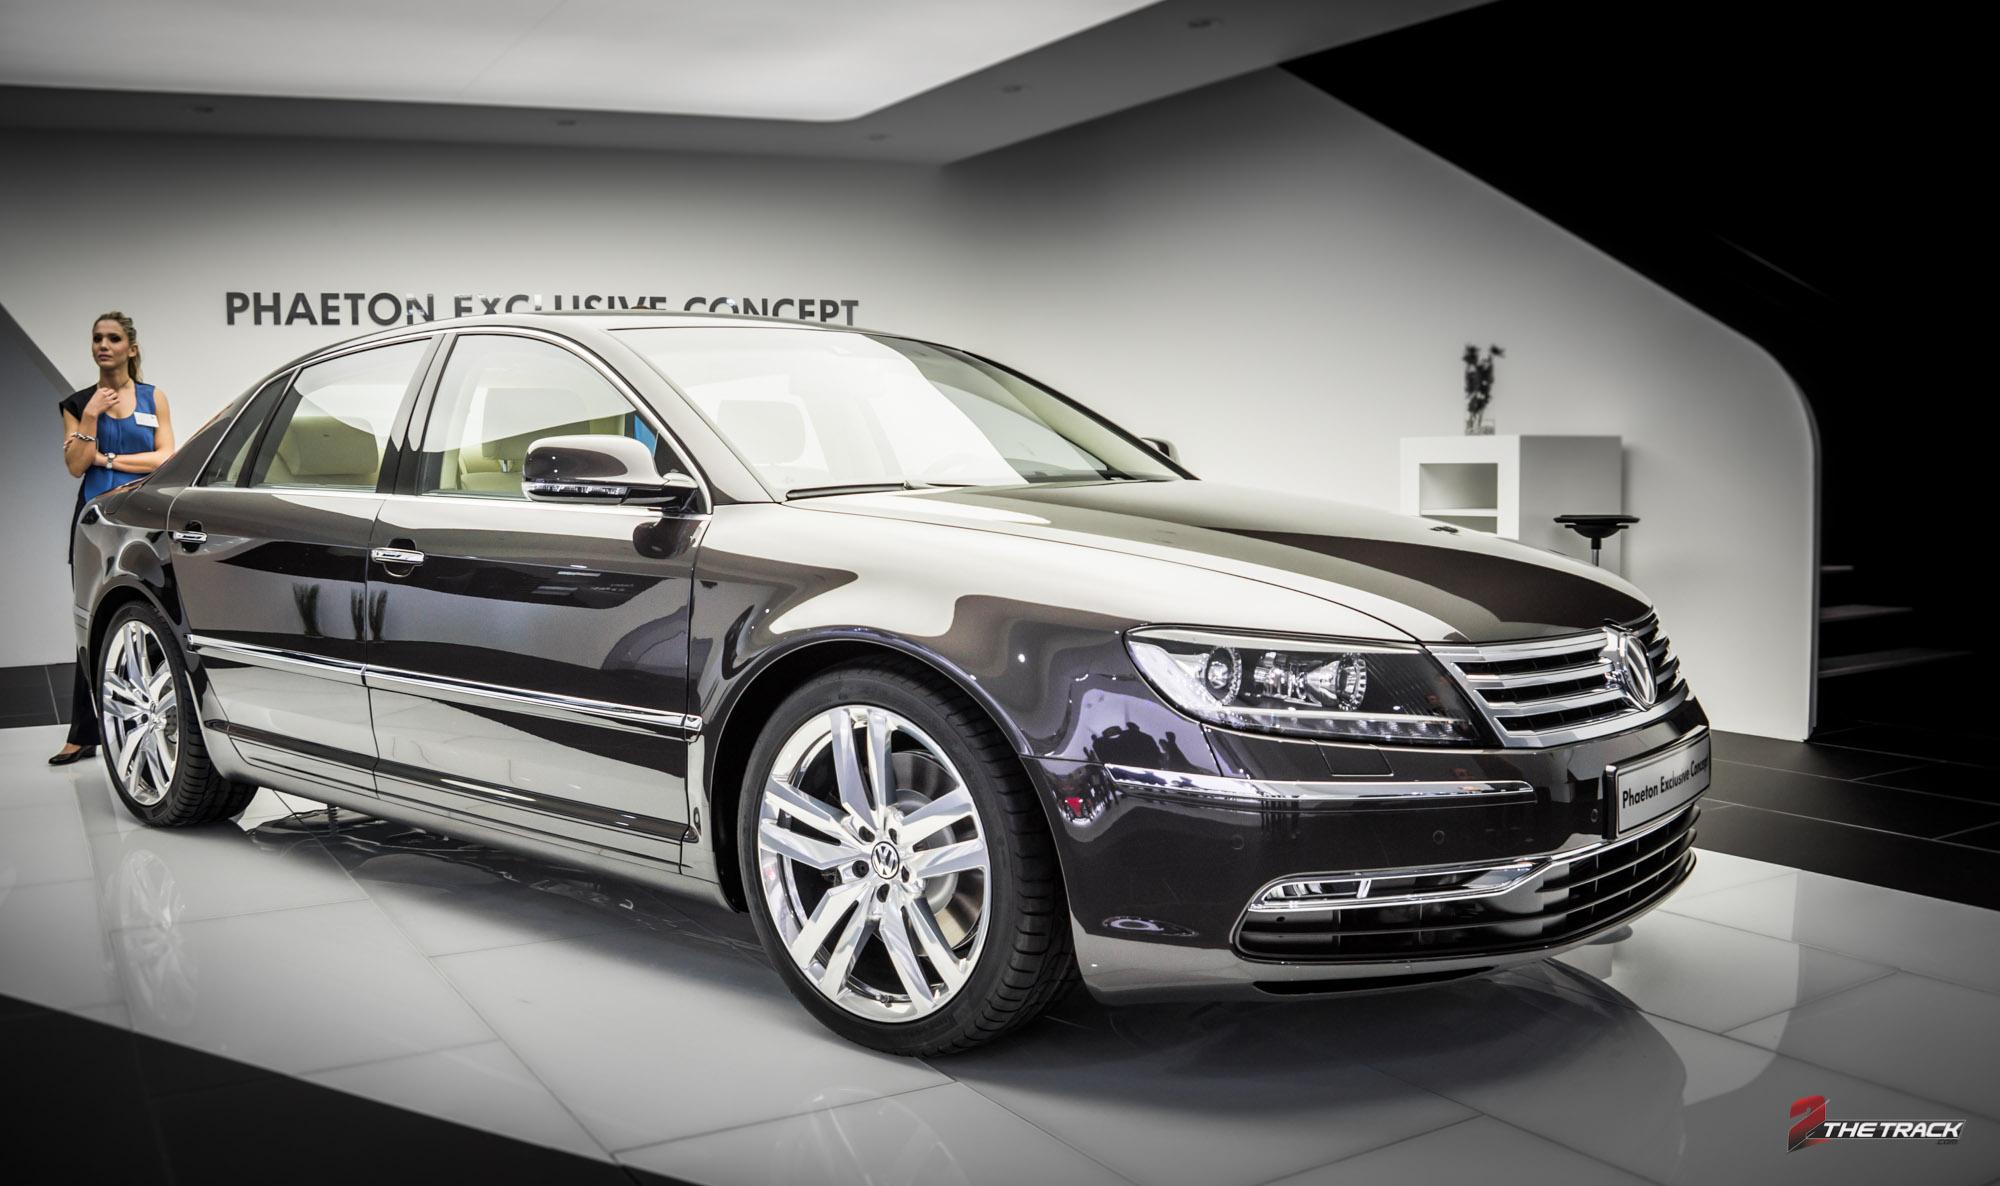 Volkswagen Pheaton Exclusive Concept Mondial l'Automobile Paris Motor Show 2012-1